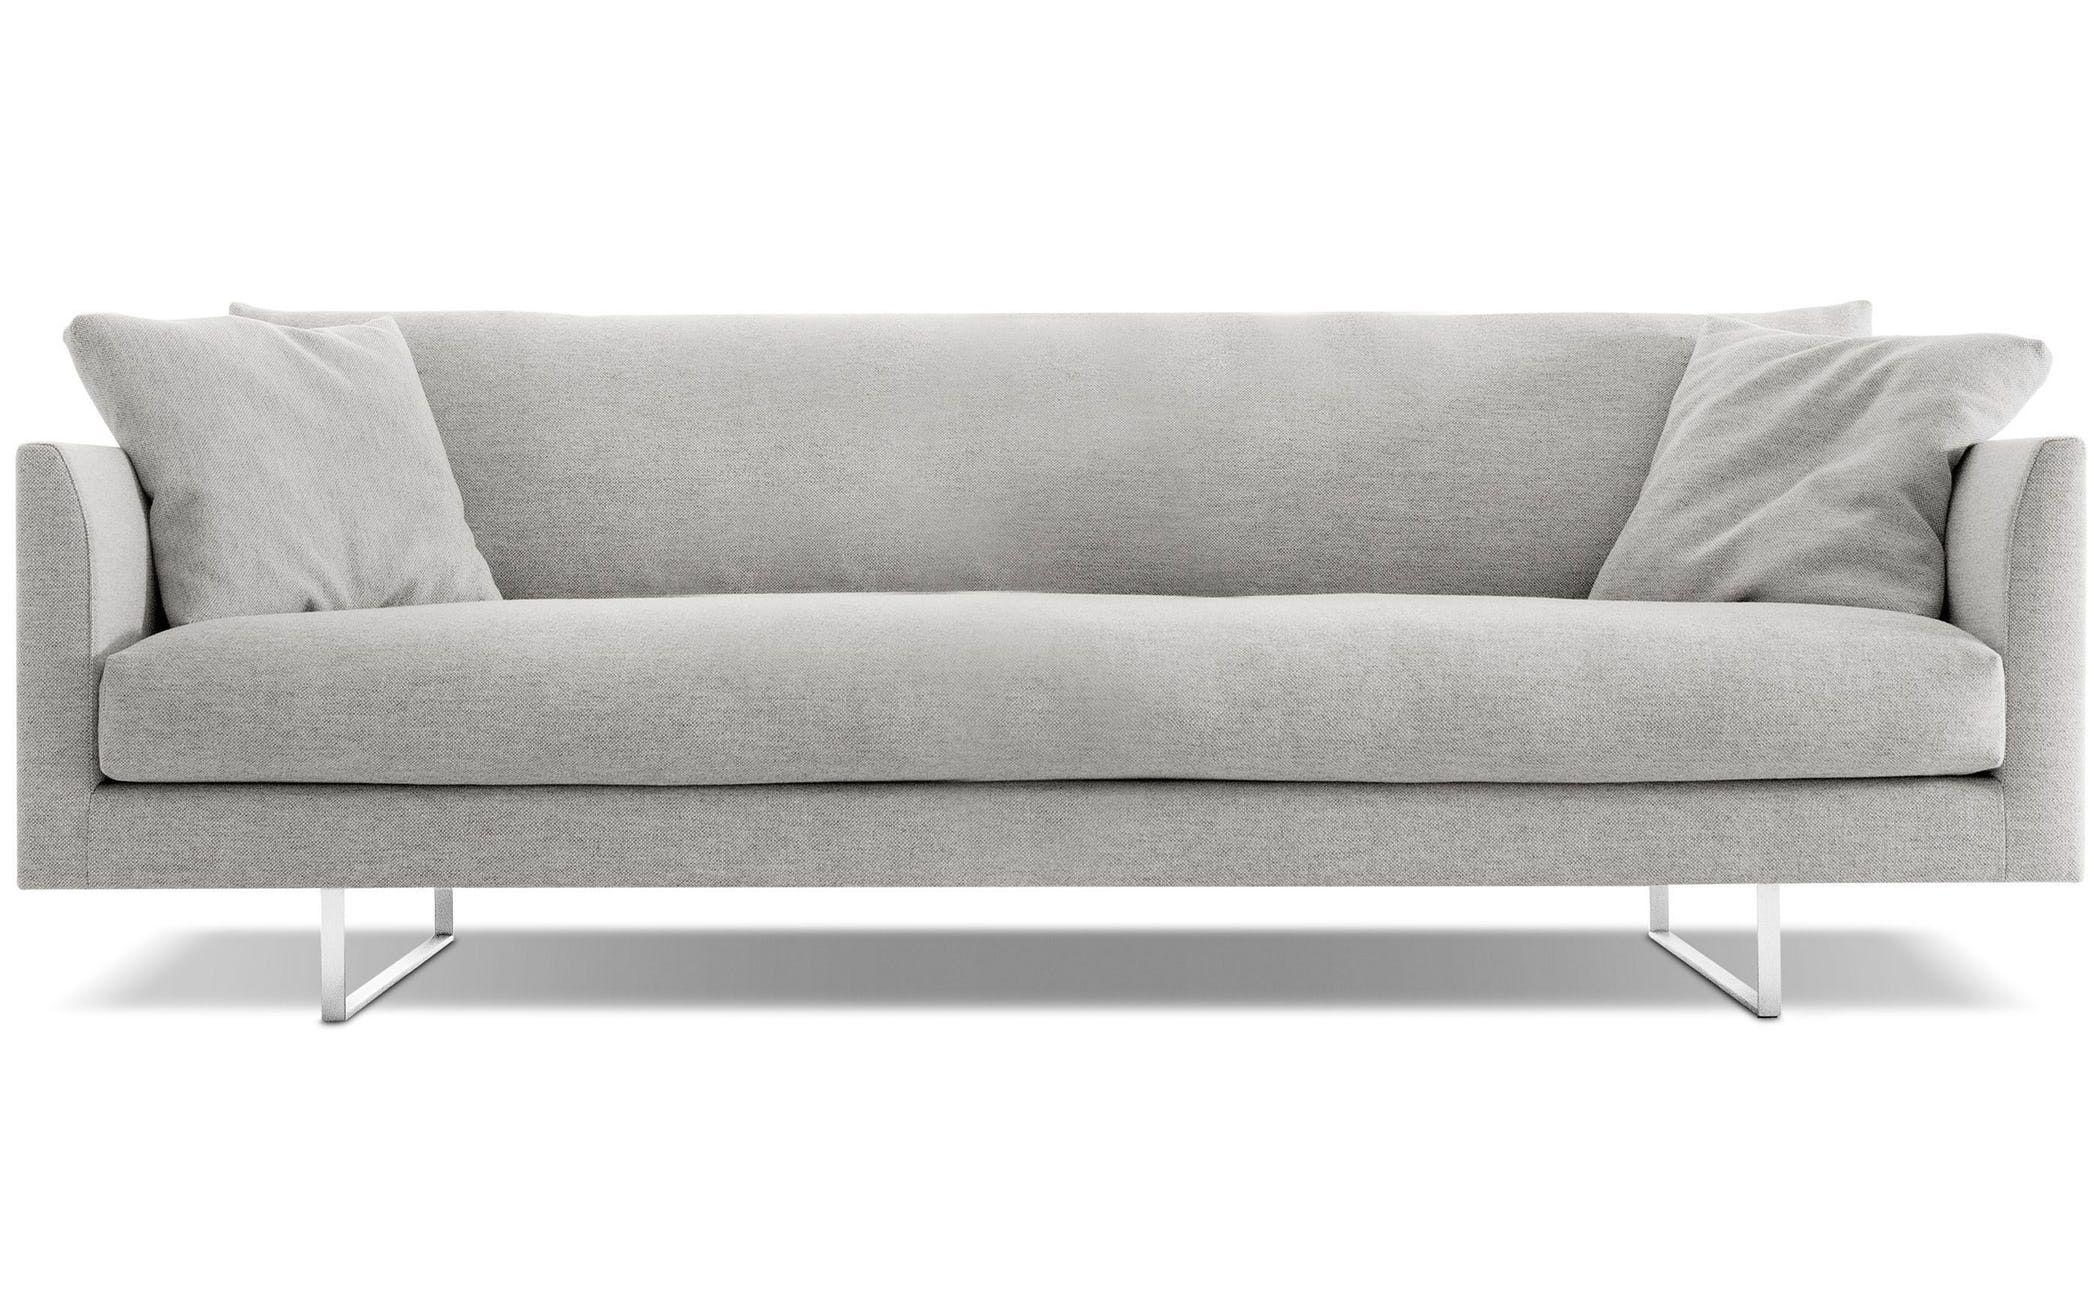 Axel Sofa By Montis Sofa Contemporary Furniture Design Contemporary Furniture